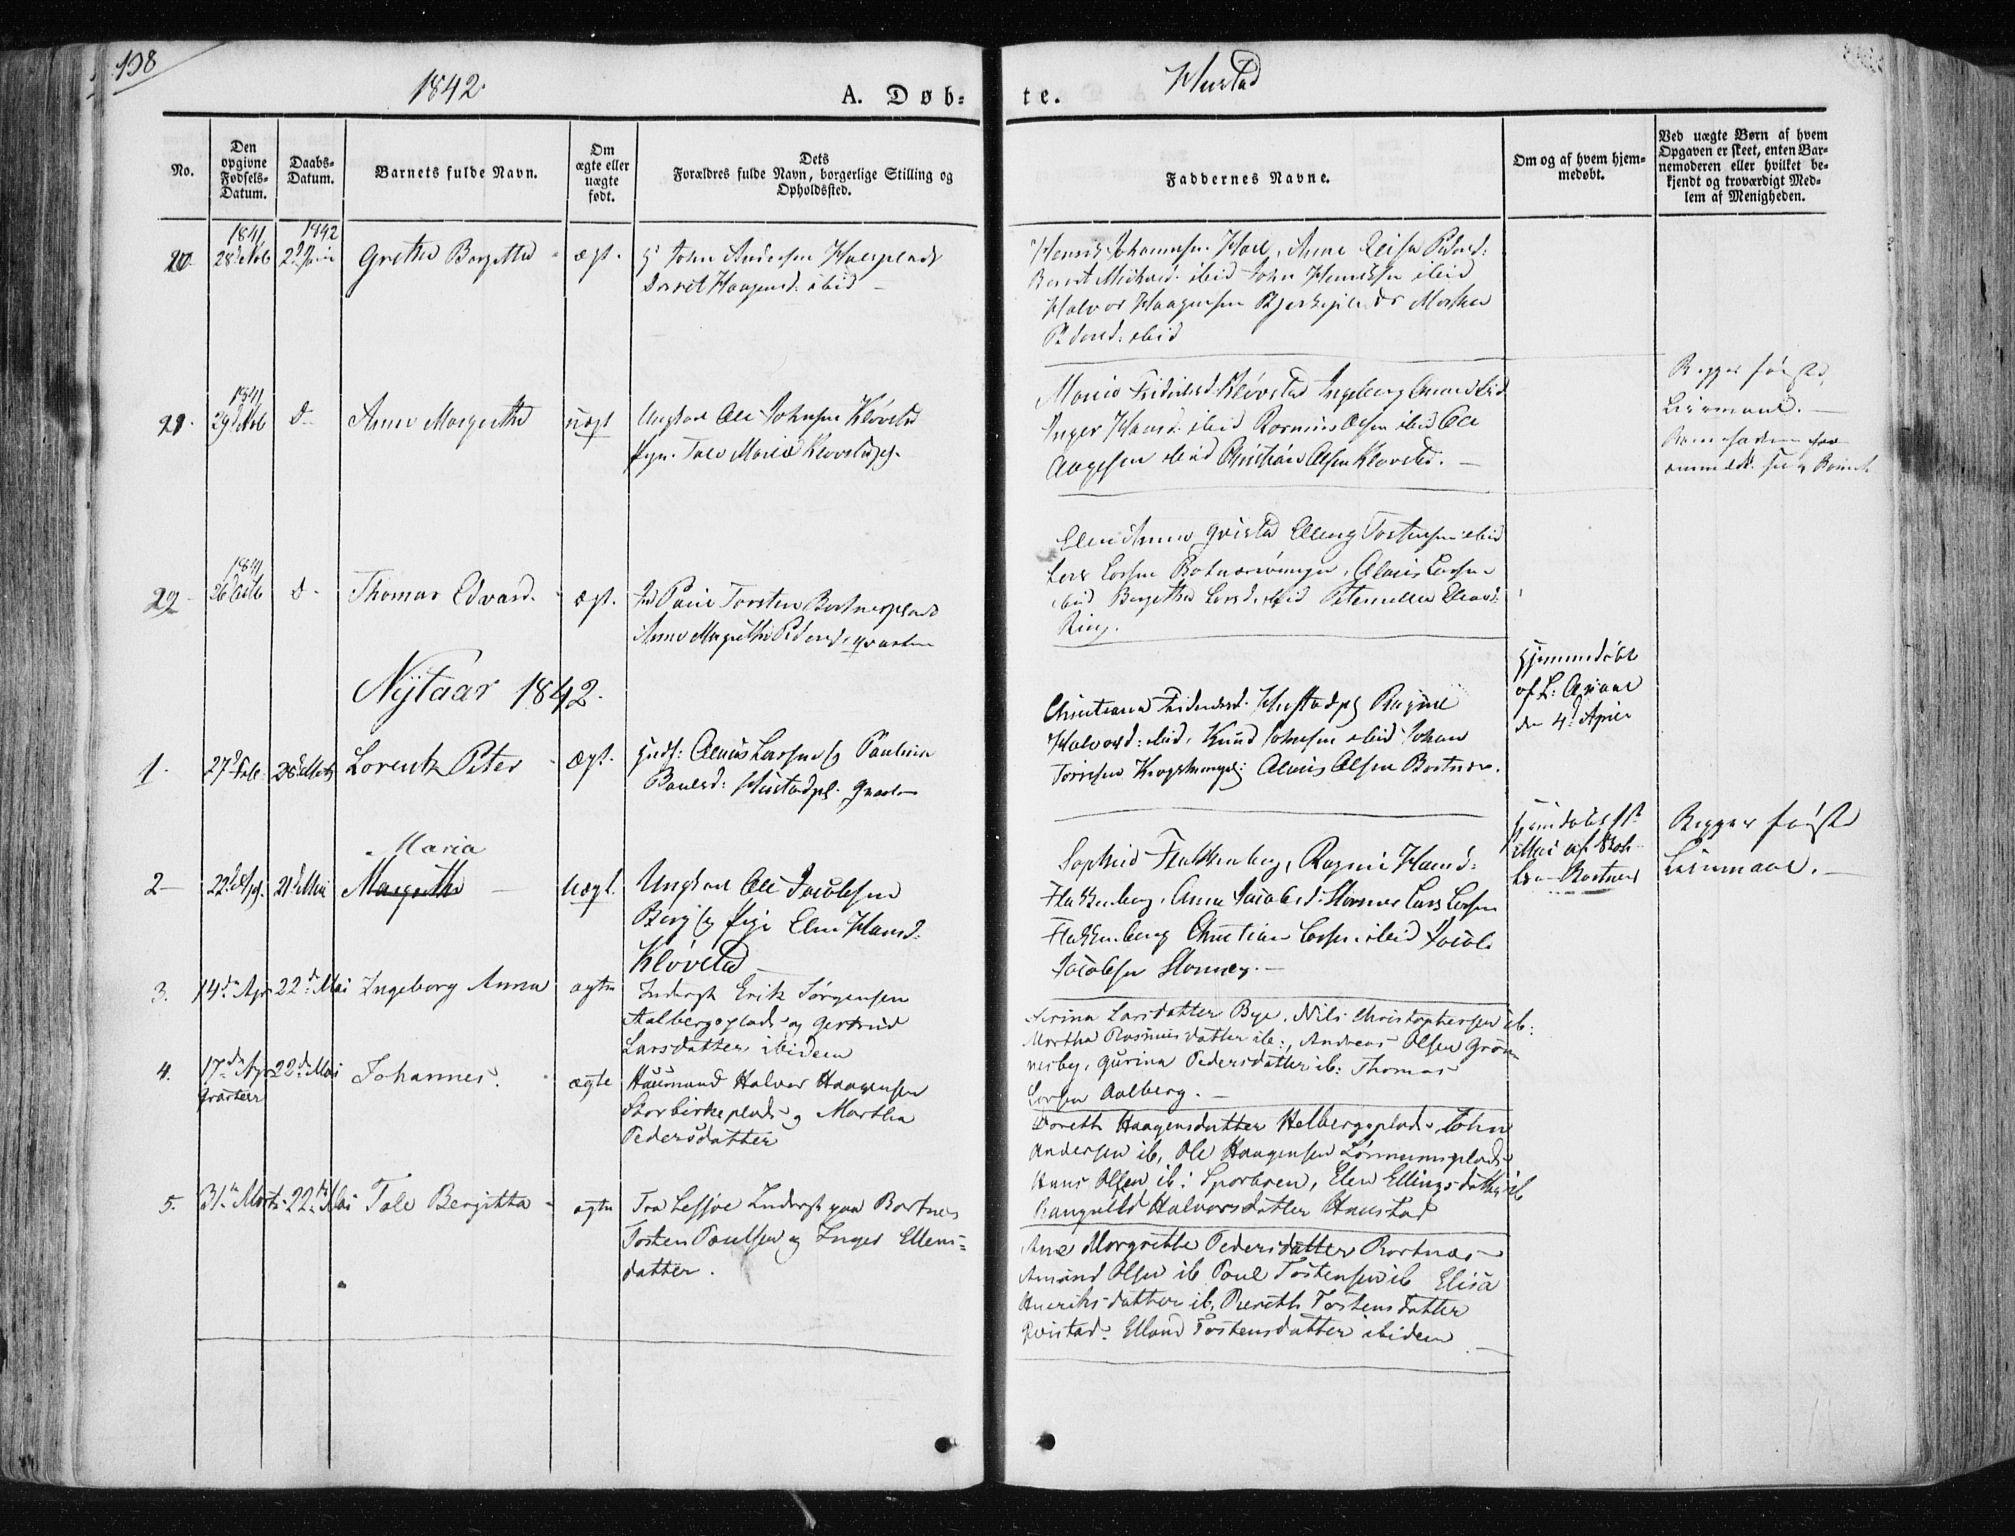 SAT, Ministerialprotokoller, klokkerbøker og fødselsregistre - Nord-Trøndelag, 730/L0280: Ministerialbok nr. 730A07 /3, 1840-1854, s. 138